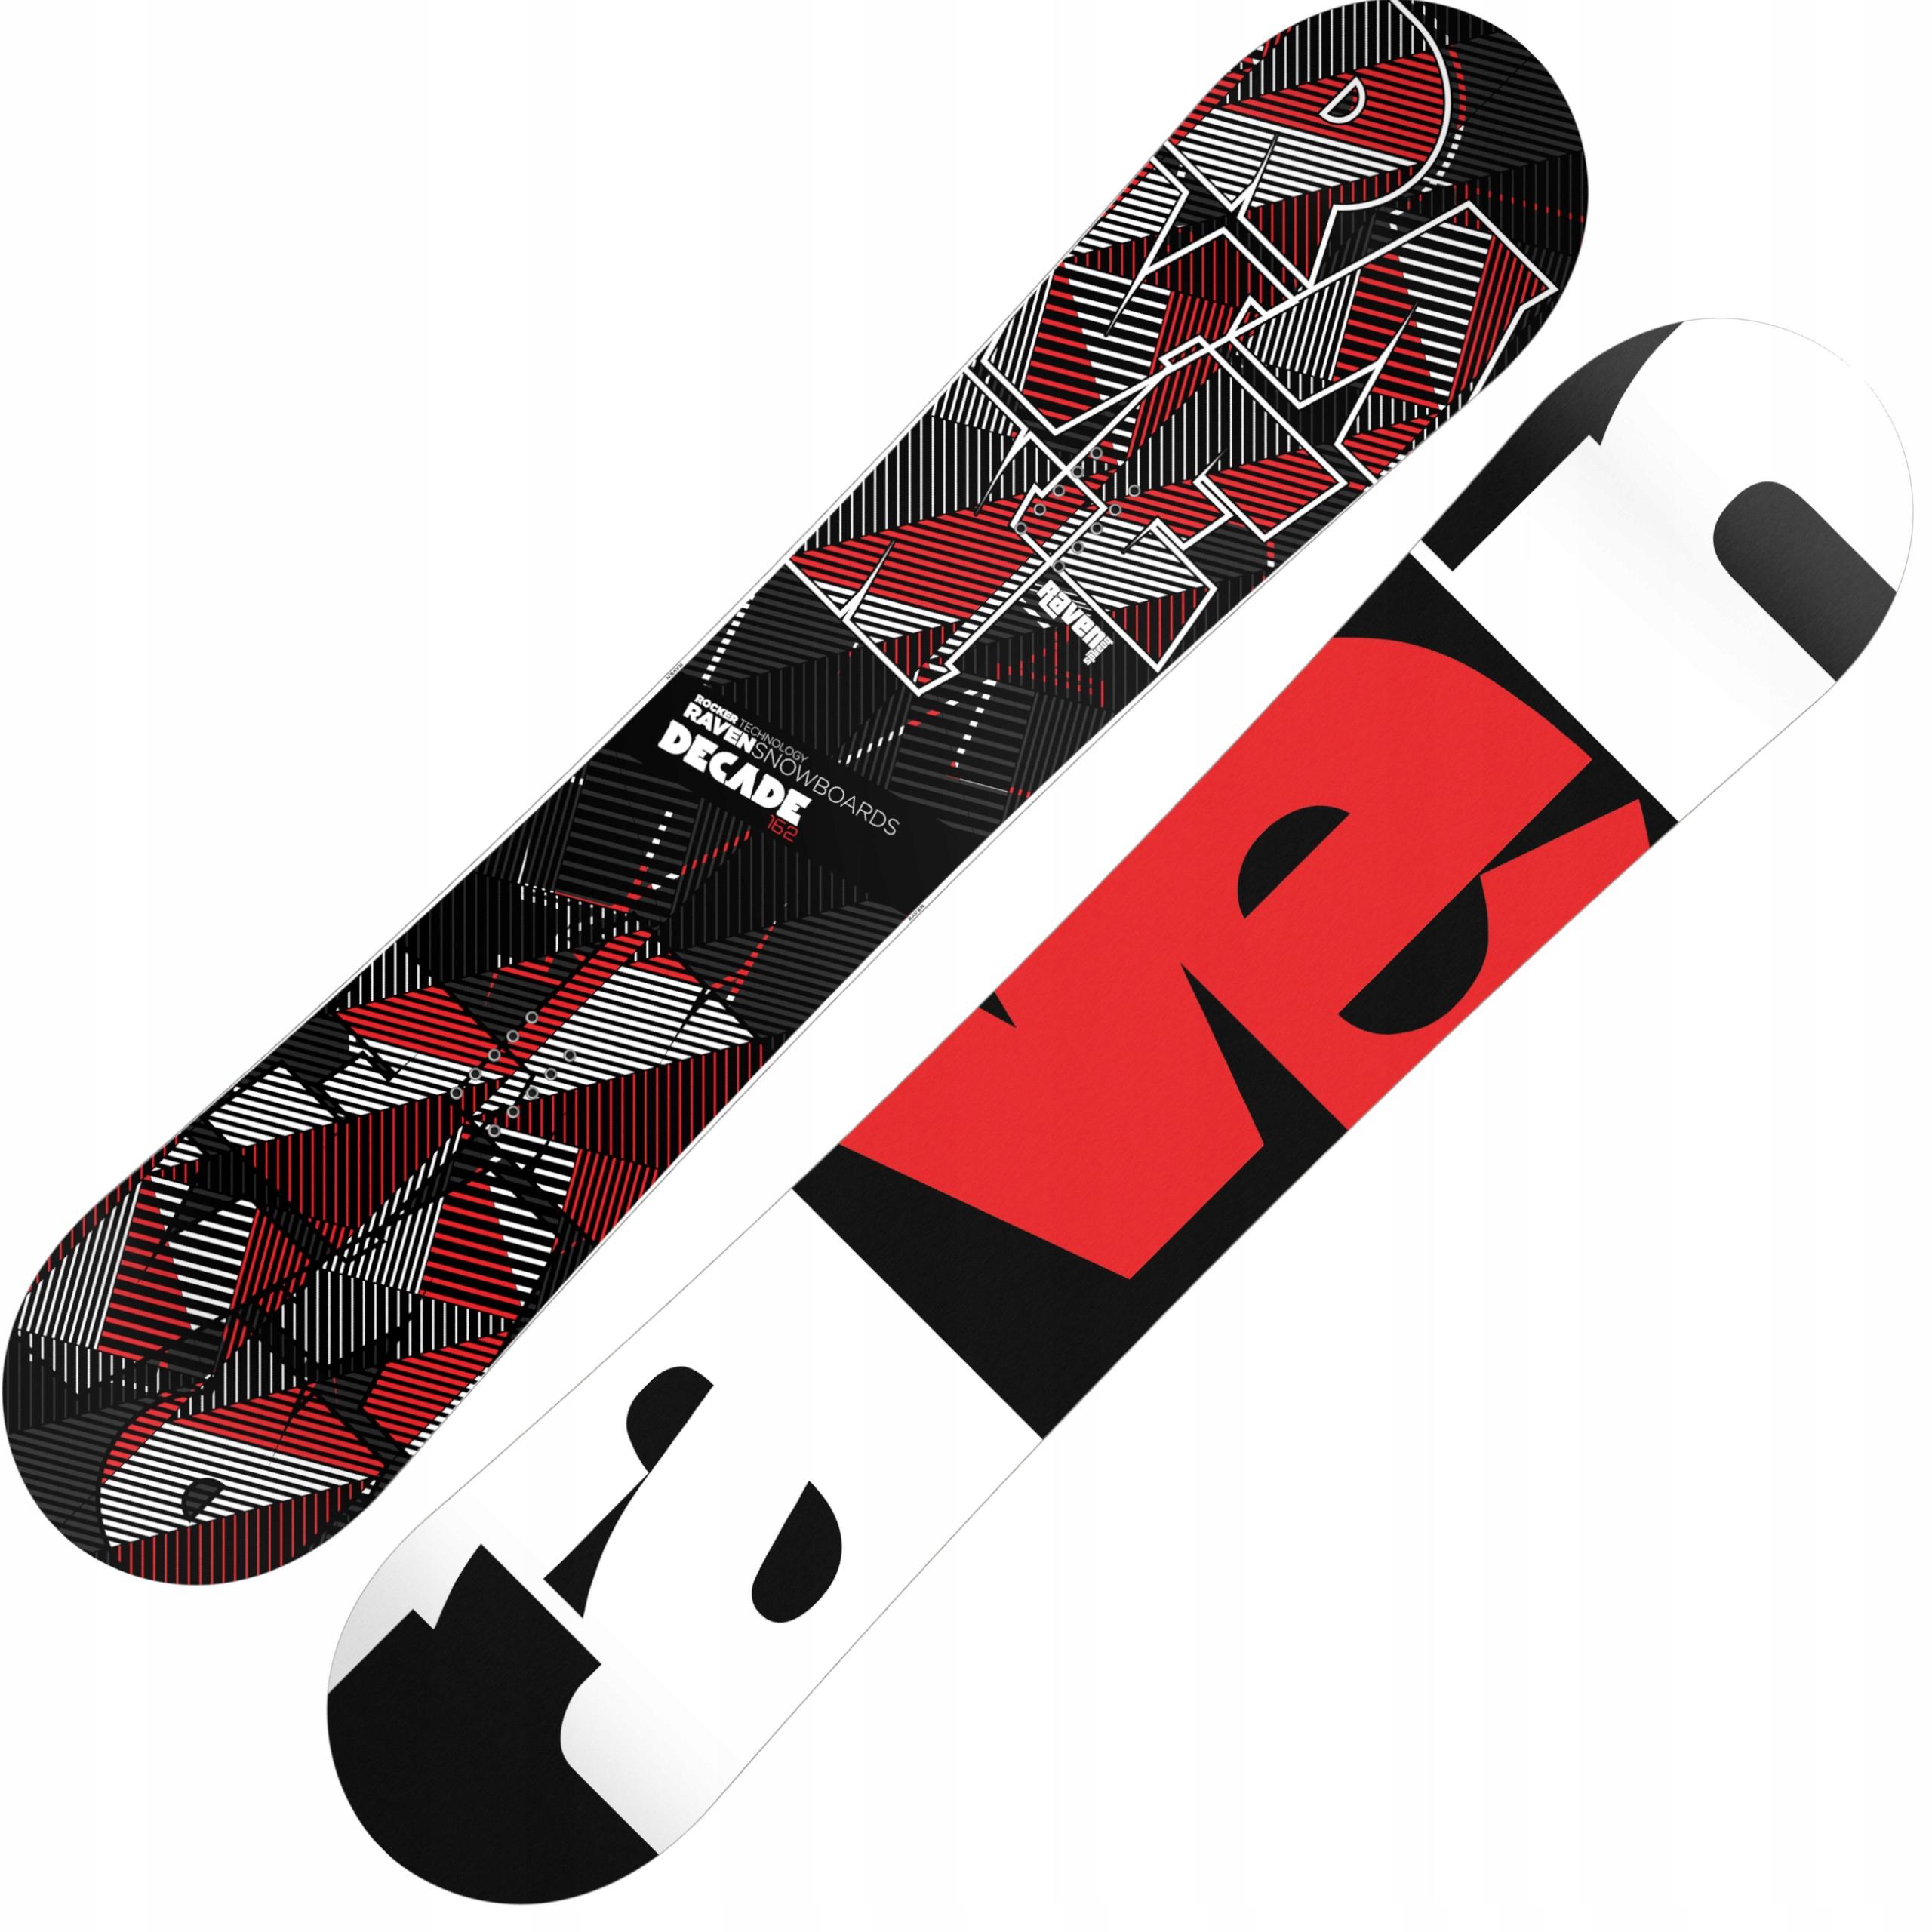 Купить сноубординг RAVEN DECADE 158cm 2018 на Eurozakup - цены и фото - доставка из Польши и стран Европы в Украину.